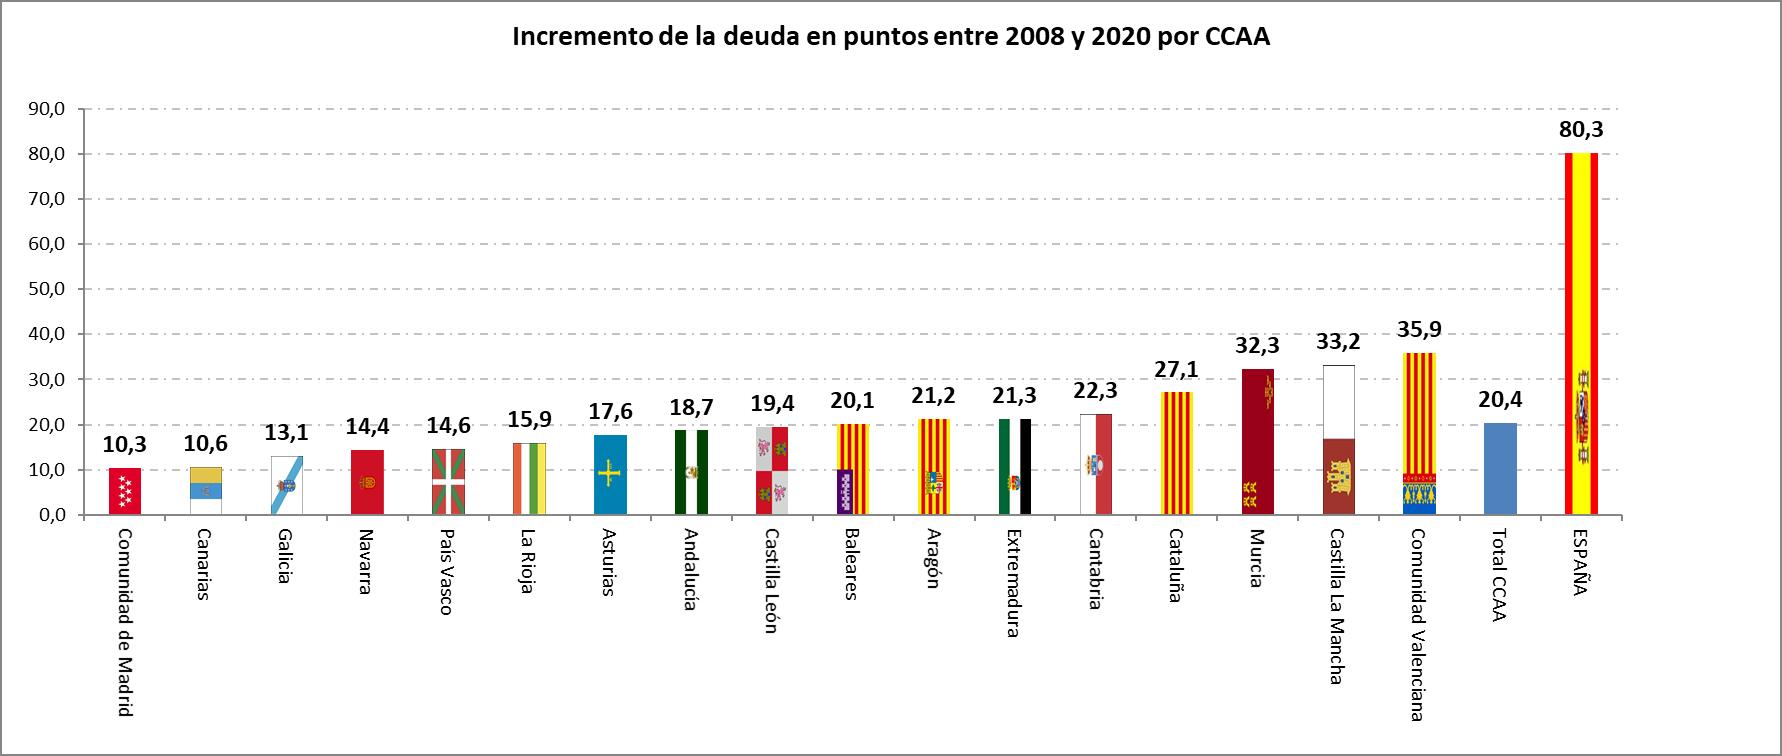 Fuente: Elaboración propia a partir de los datos de la IGAE y del Ministerio de Hacienda.